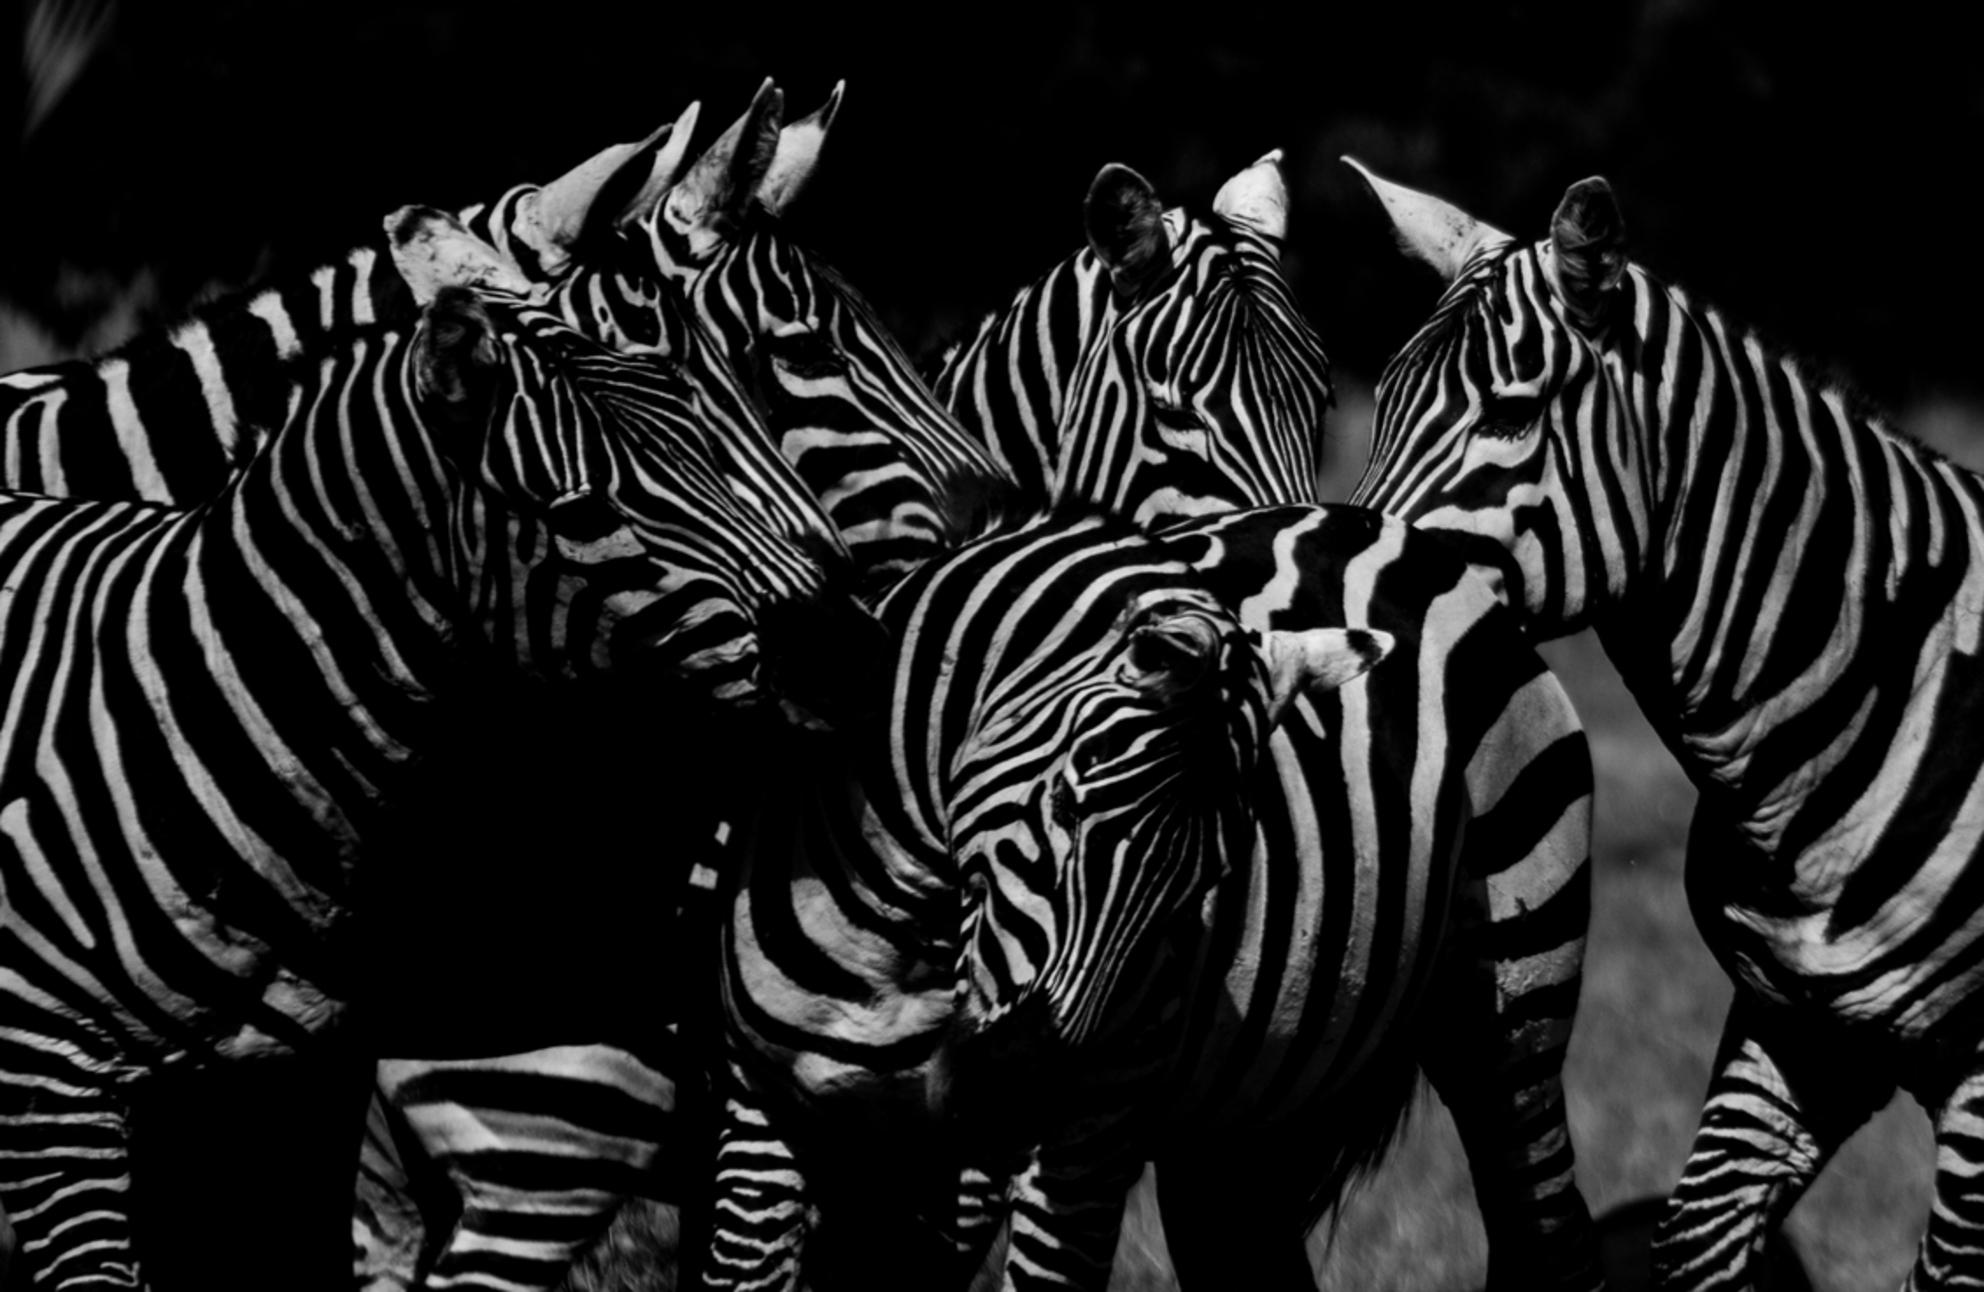 White stripes - Foto is genomen in Uganda, de zebras kwamen zo ontzettend dichtbij. Echt op 3 meter afstand, zo een bijzondere ervaring. Dit clubje zebra's stond zo  - foto door brien1987 op 10-12-2016 - deze foto bevat: zebra, dieren, safari, afrika, wildlife, uganda, zebras, zwart wit